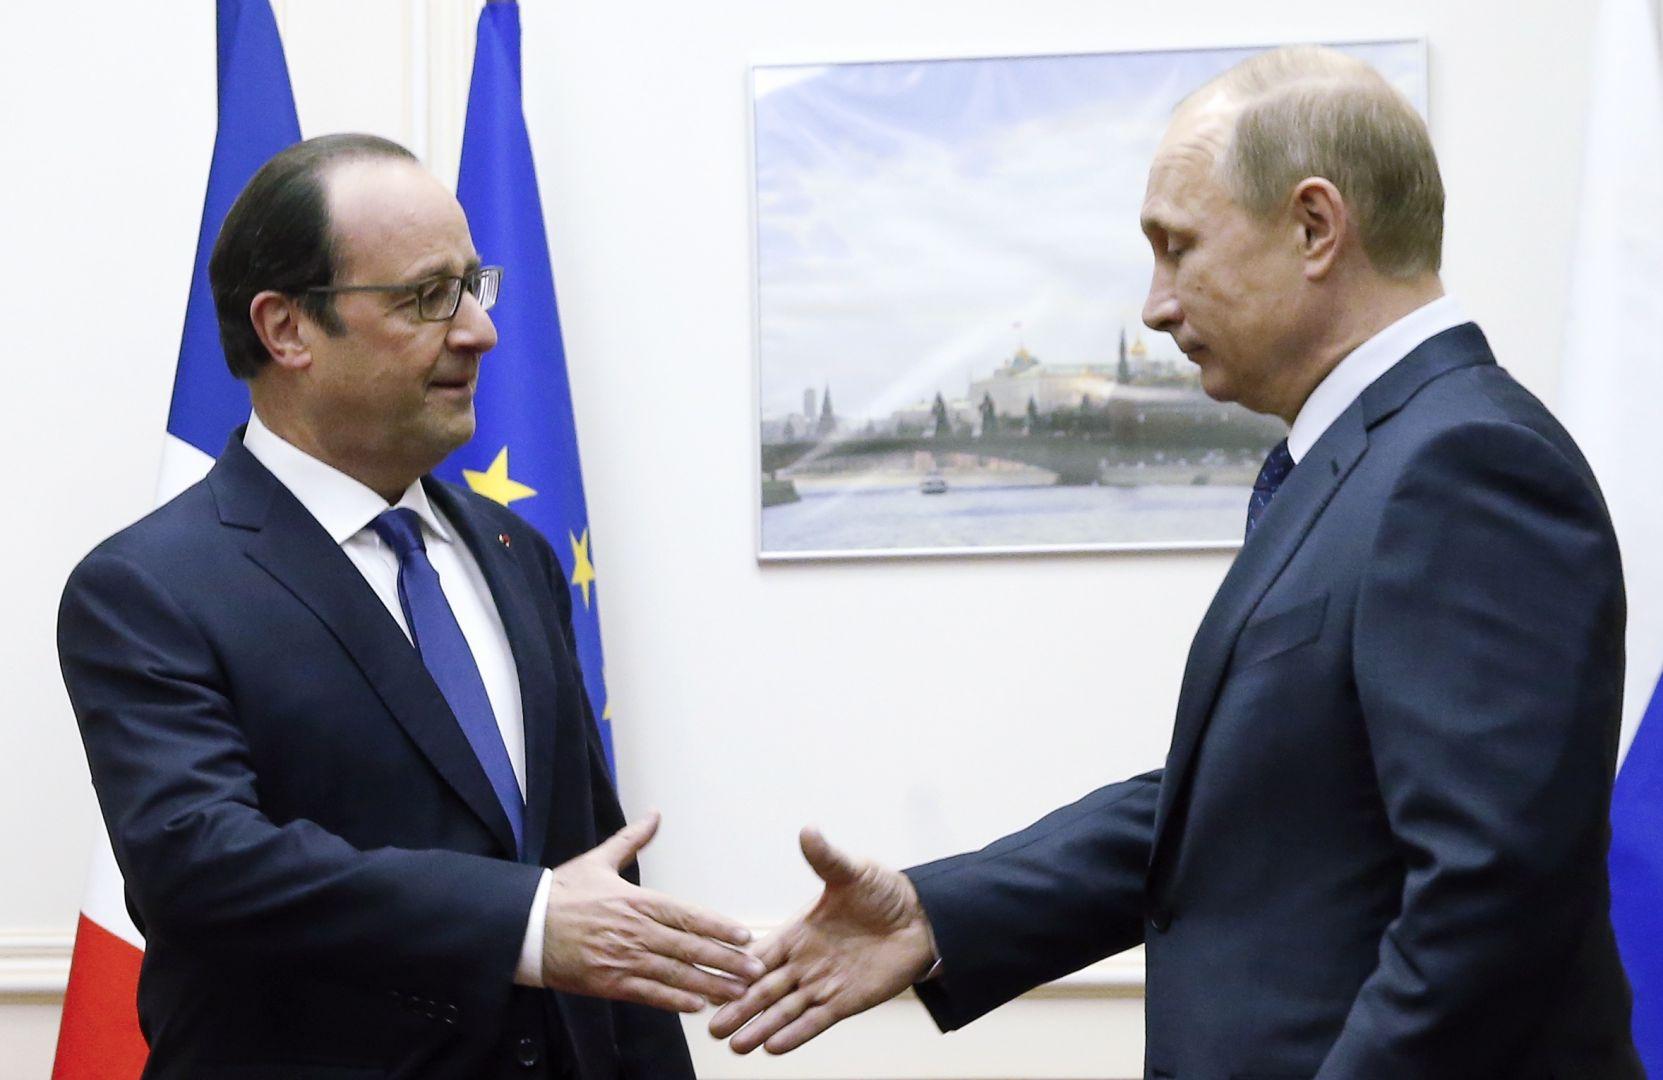 IŞİD'e karşı Rusya ve Fransa işbirliği